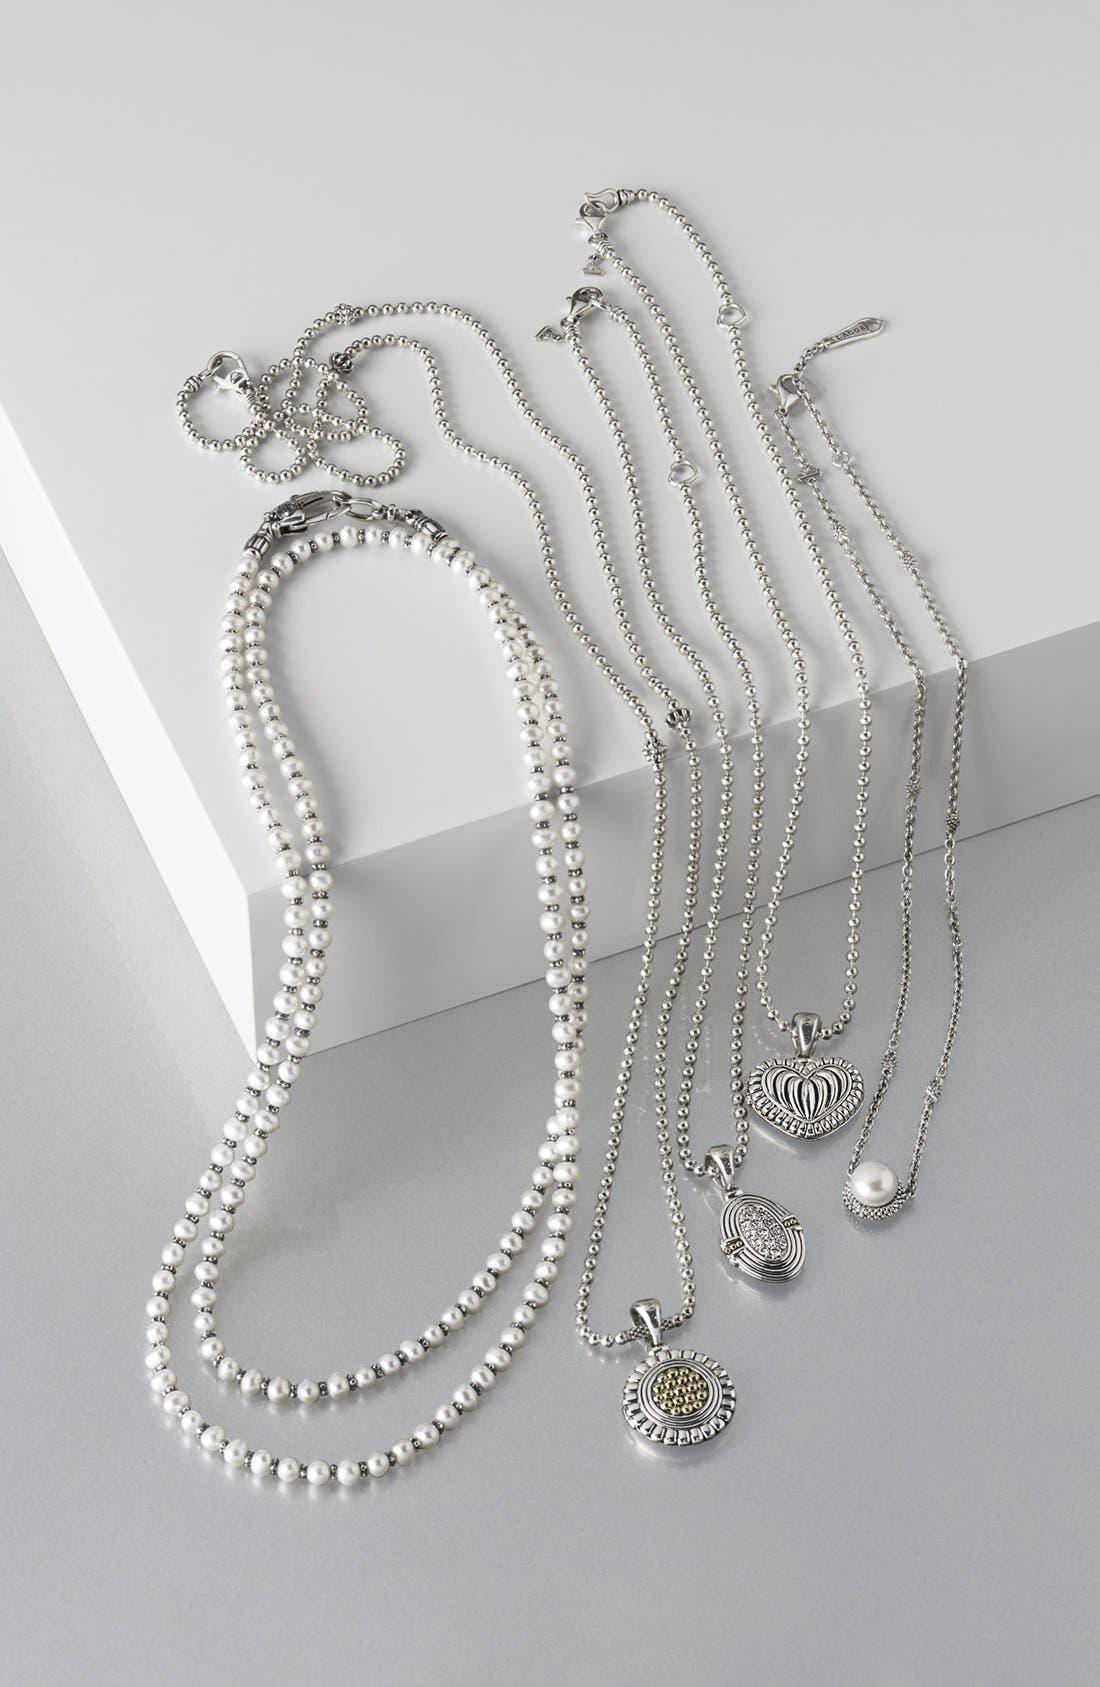 Beloved Fluted Heart Locket Necklace,                             Alternate thumbnail 6, color,